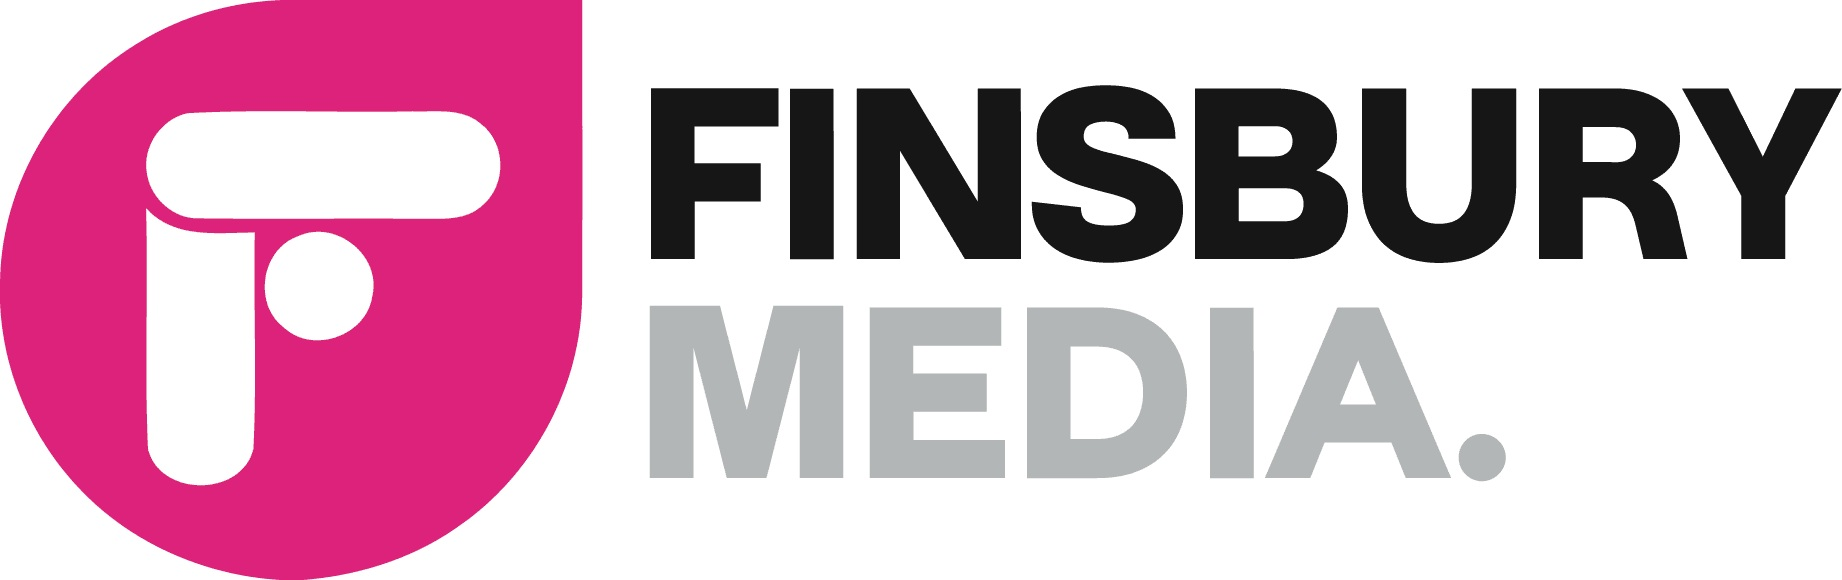 Finsbury Media